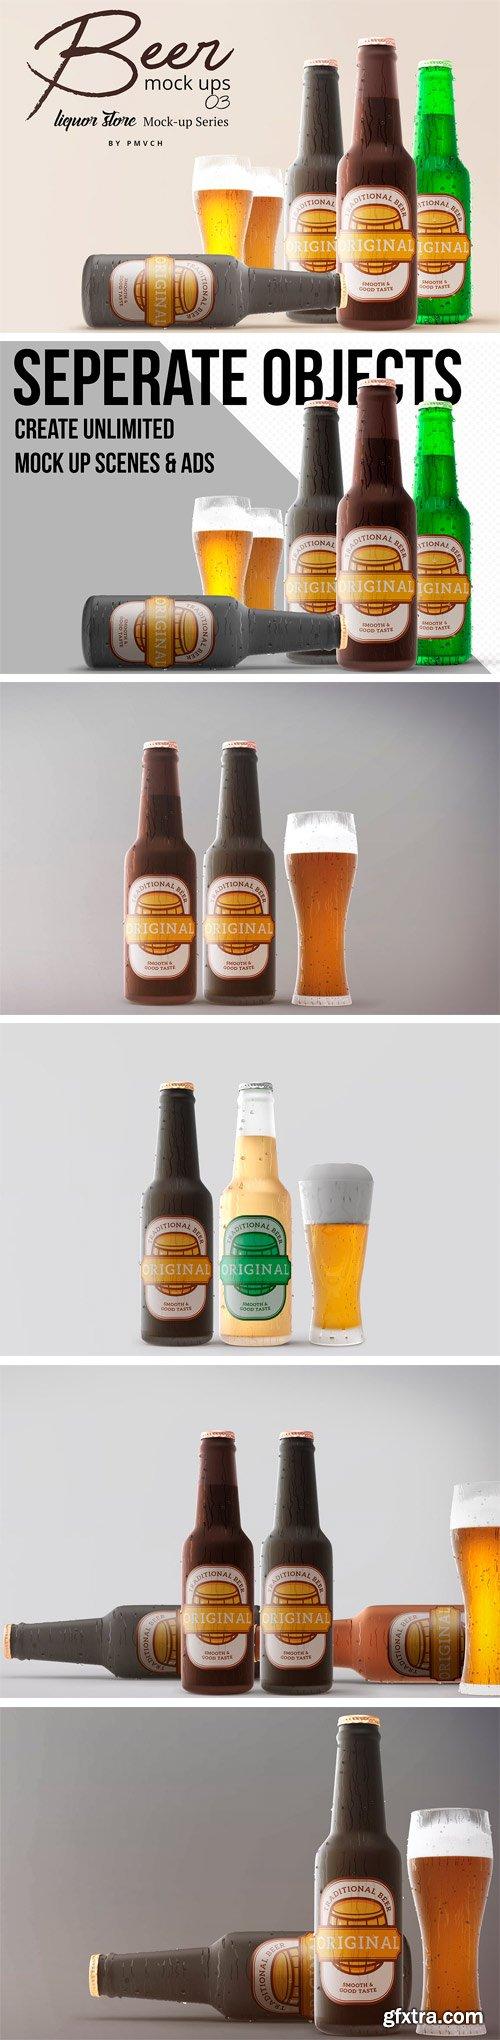 CM - Beer Mockups 03 - Cold Beer 2391551 ..